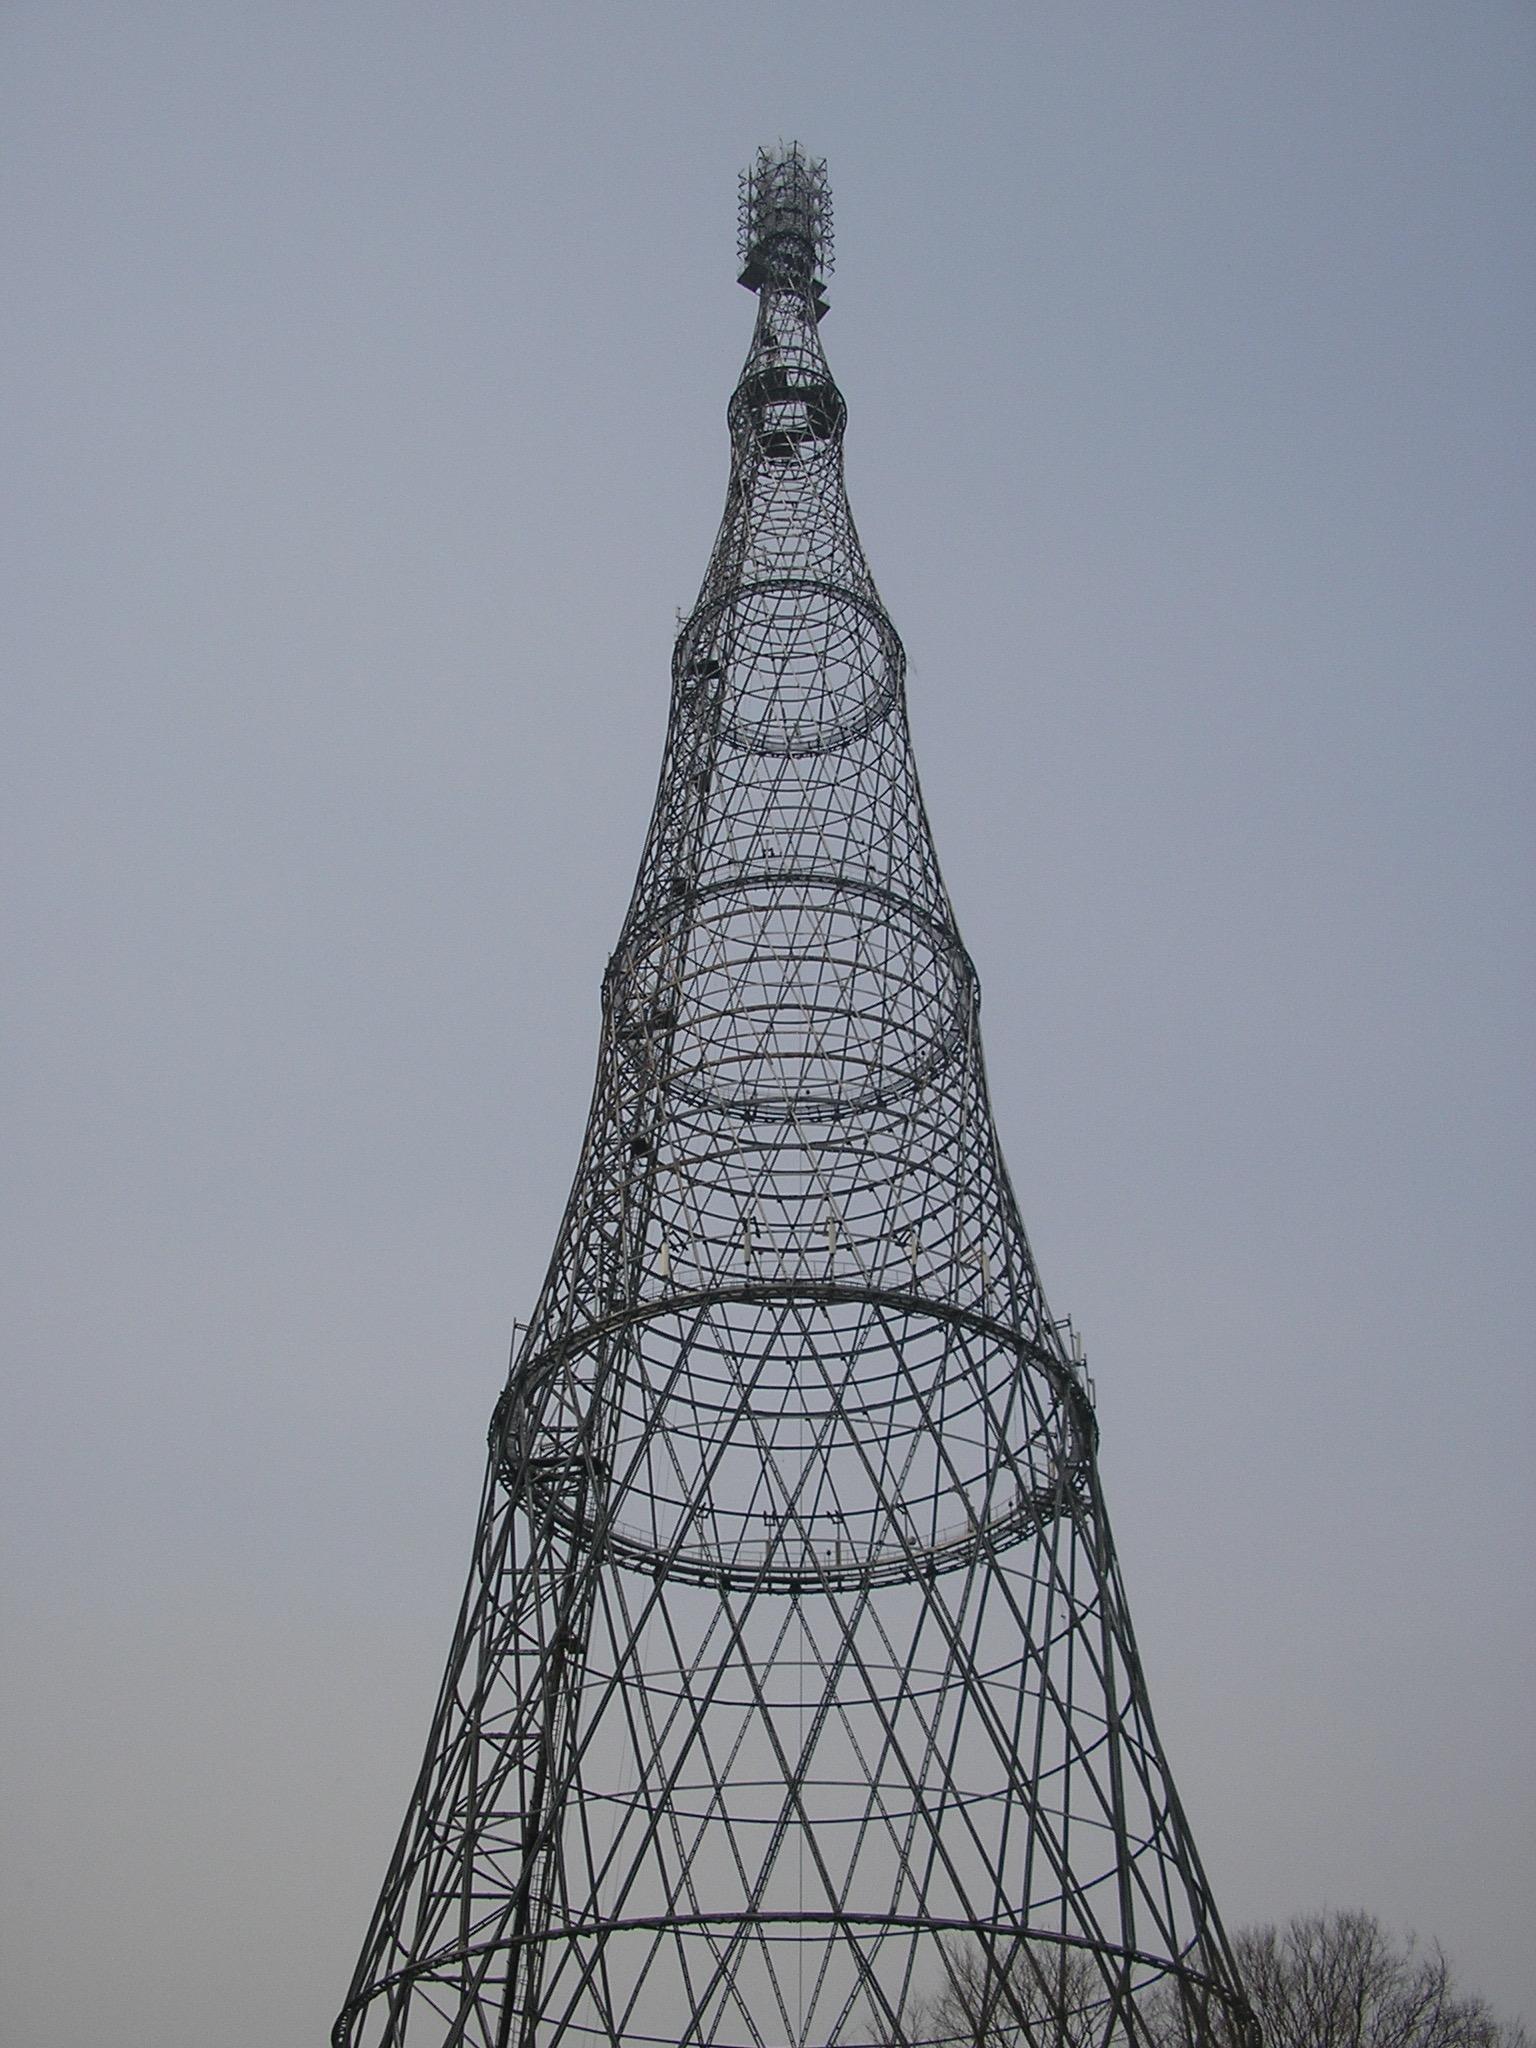 Torre de Vladimir Shukhov, 1922. Por Sergei Arsenyev, 2006.